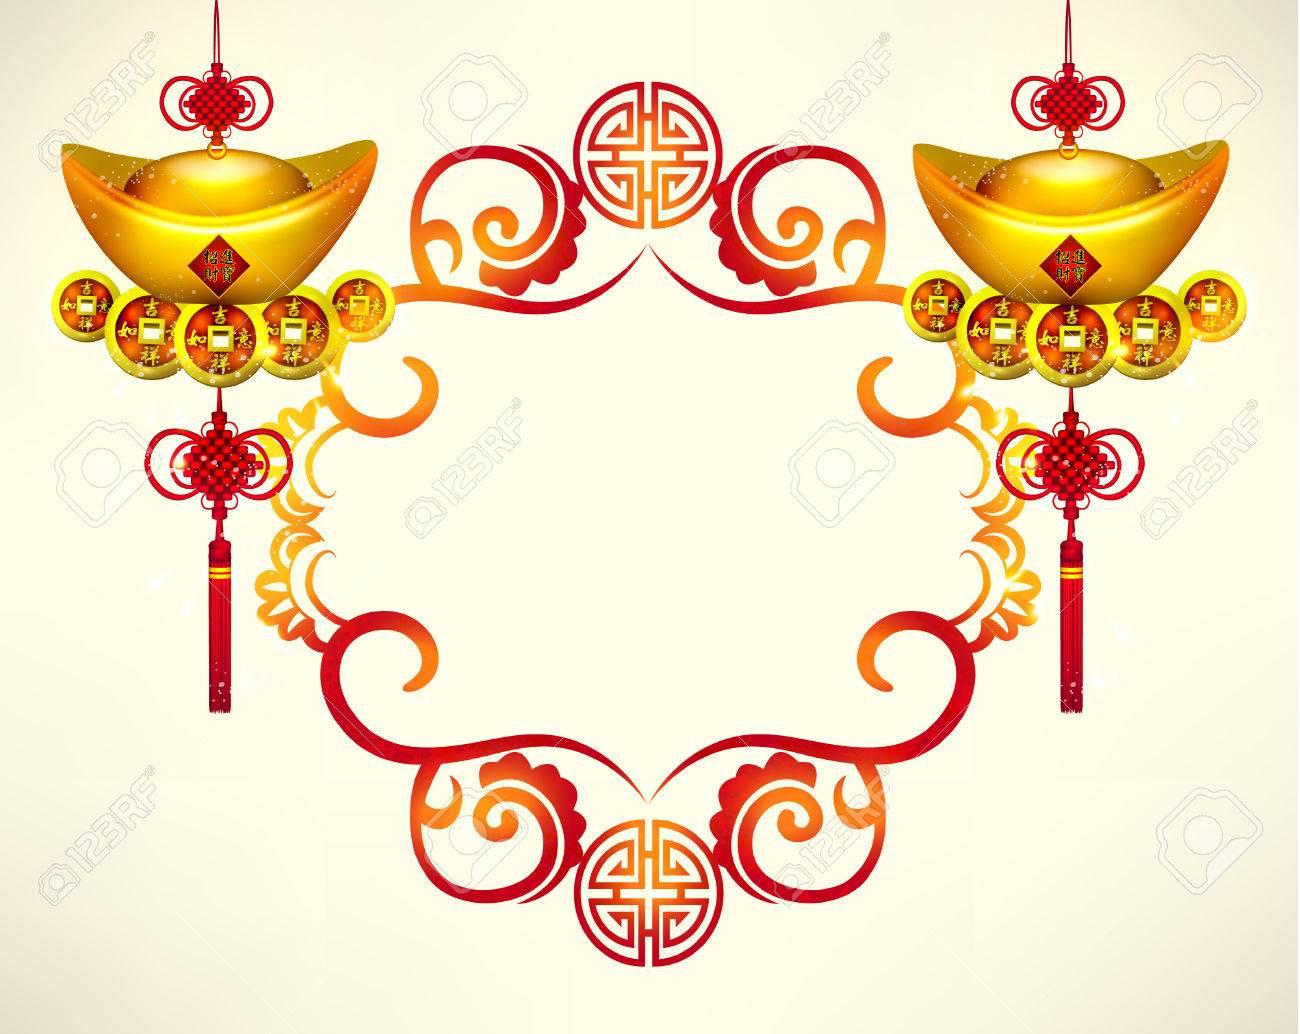 Marco Feliz Año Nuevo Chino Decoración De Diseño Vectorial ...